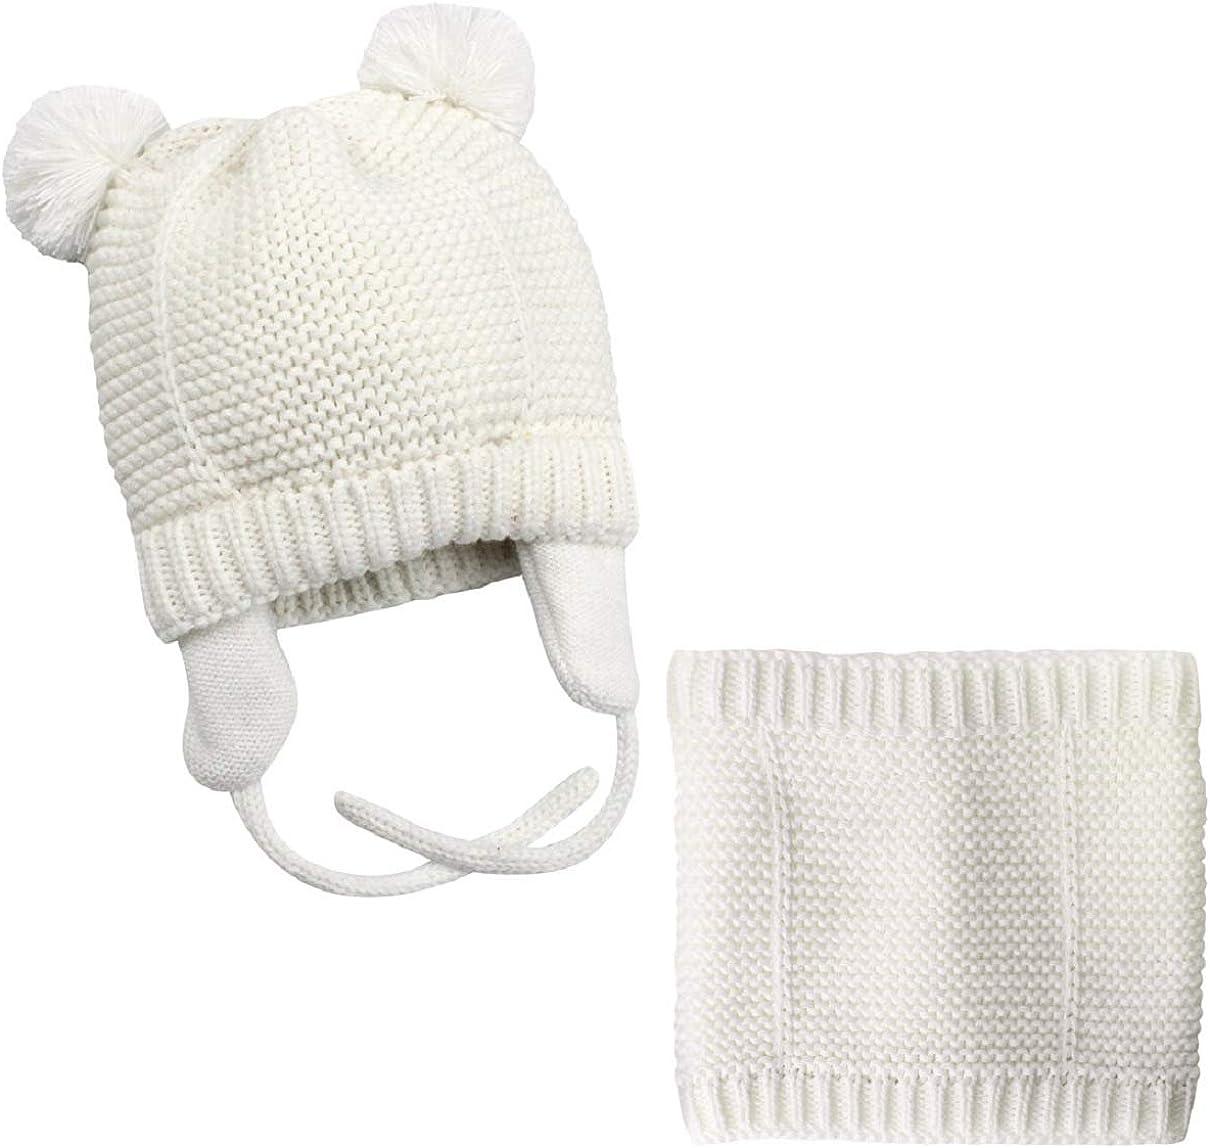 UMIPUBO Beb/é Sombrero y Bufandas Invierno Tejido Gorro Punto Caliente Lana Cofia Capucha Bufanda Caps Sombreros